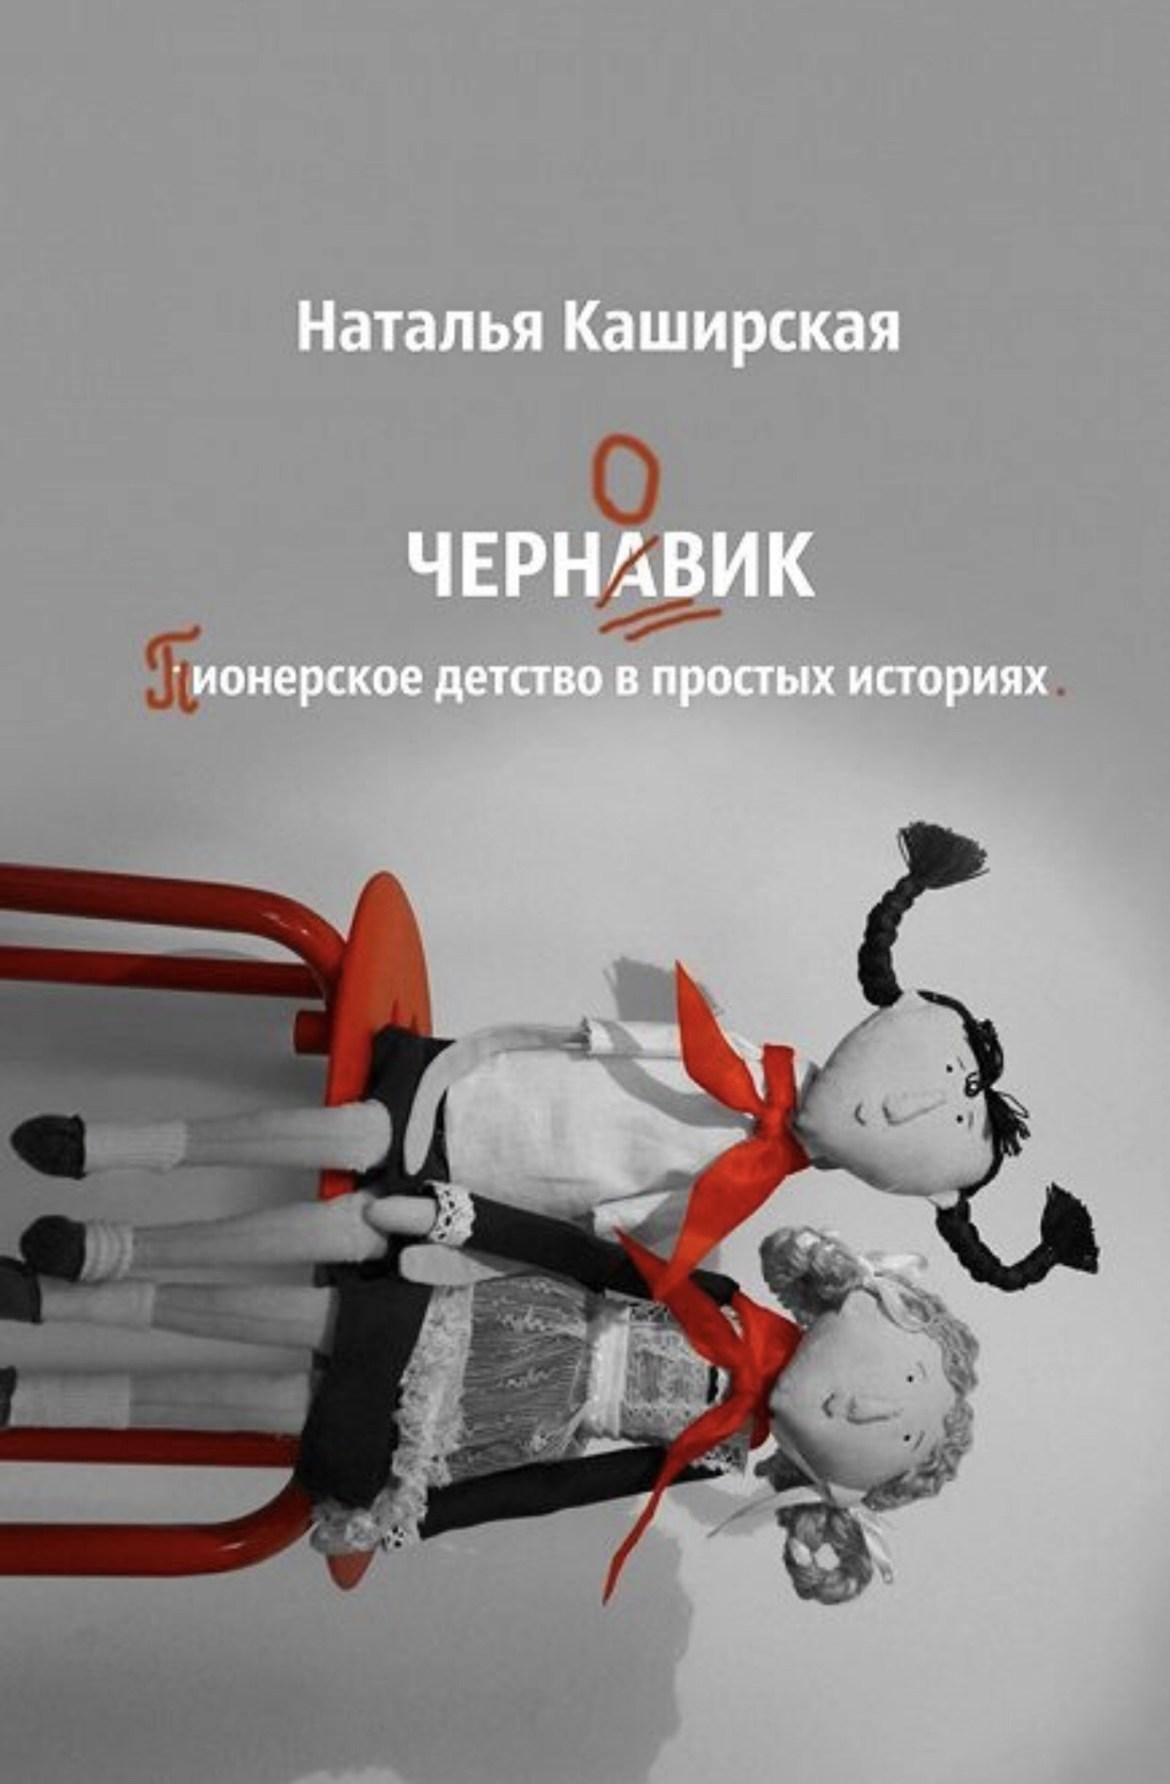 Весёлая, но непростая книга нашей землячки Натальи Каширской, которую вы запросто прочтёте перед сном